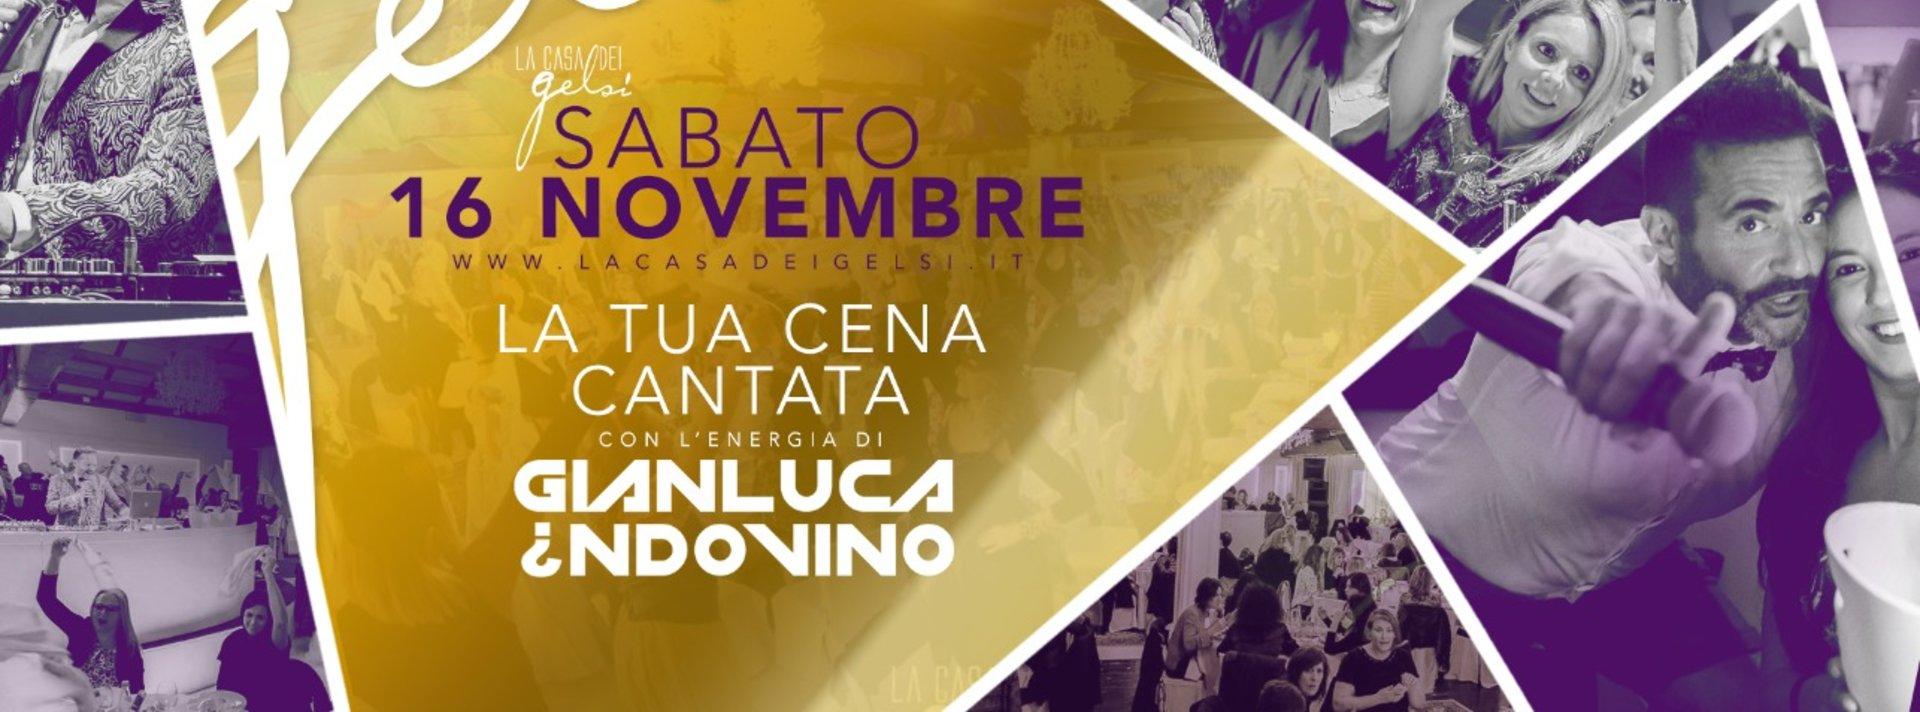 Sabato Gelsi con Indovino - 16 novembre 2019